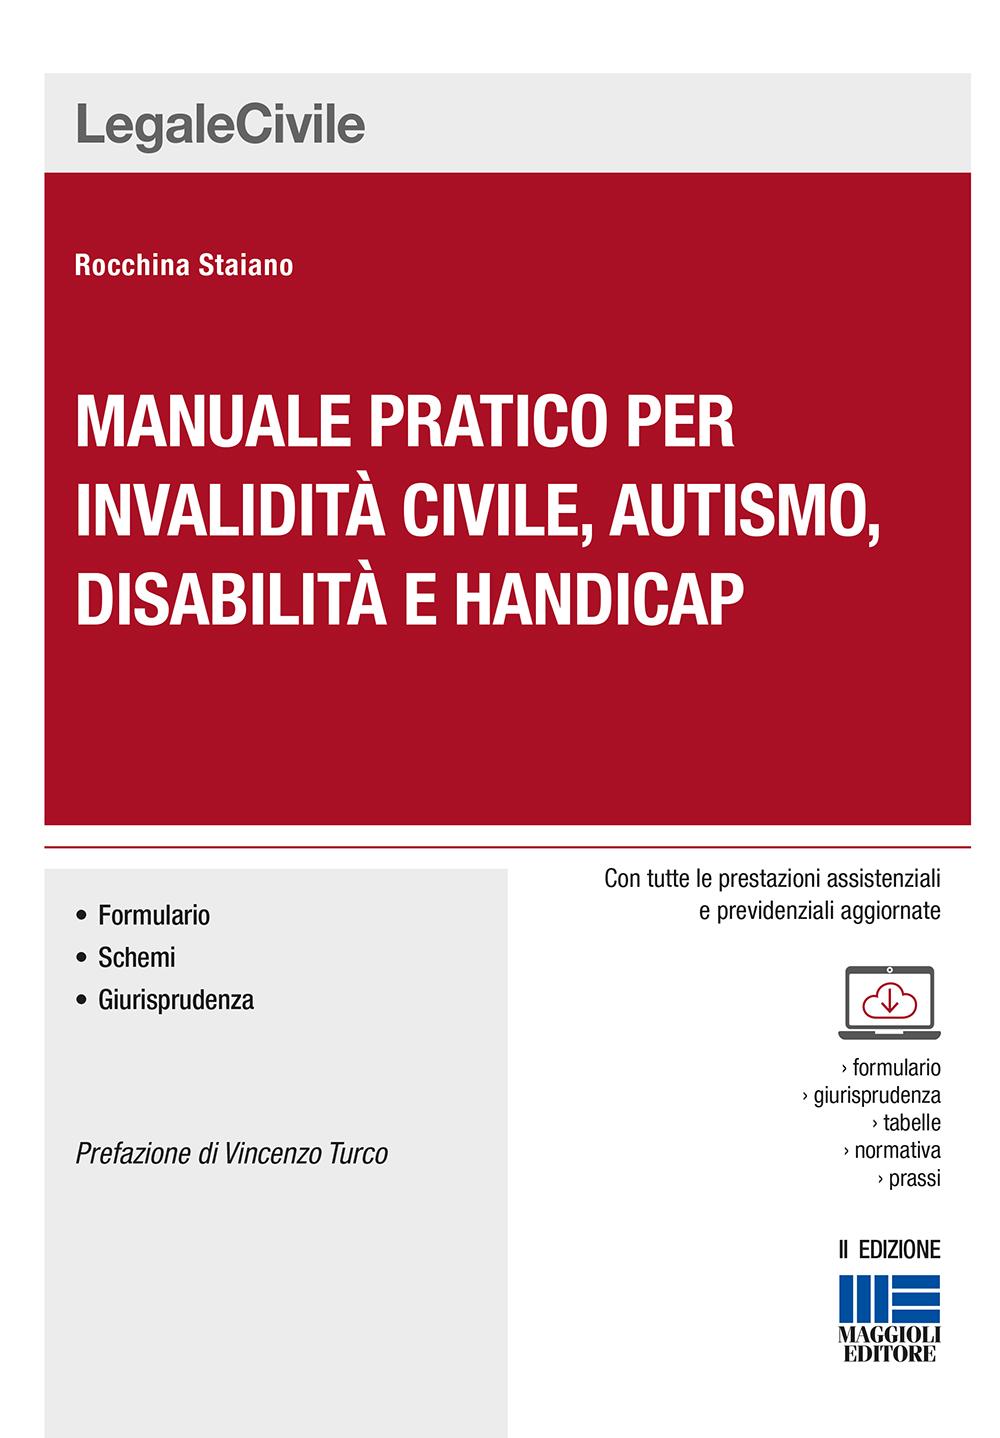 Manuale pratico per invalidità civile, autismo, disabil